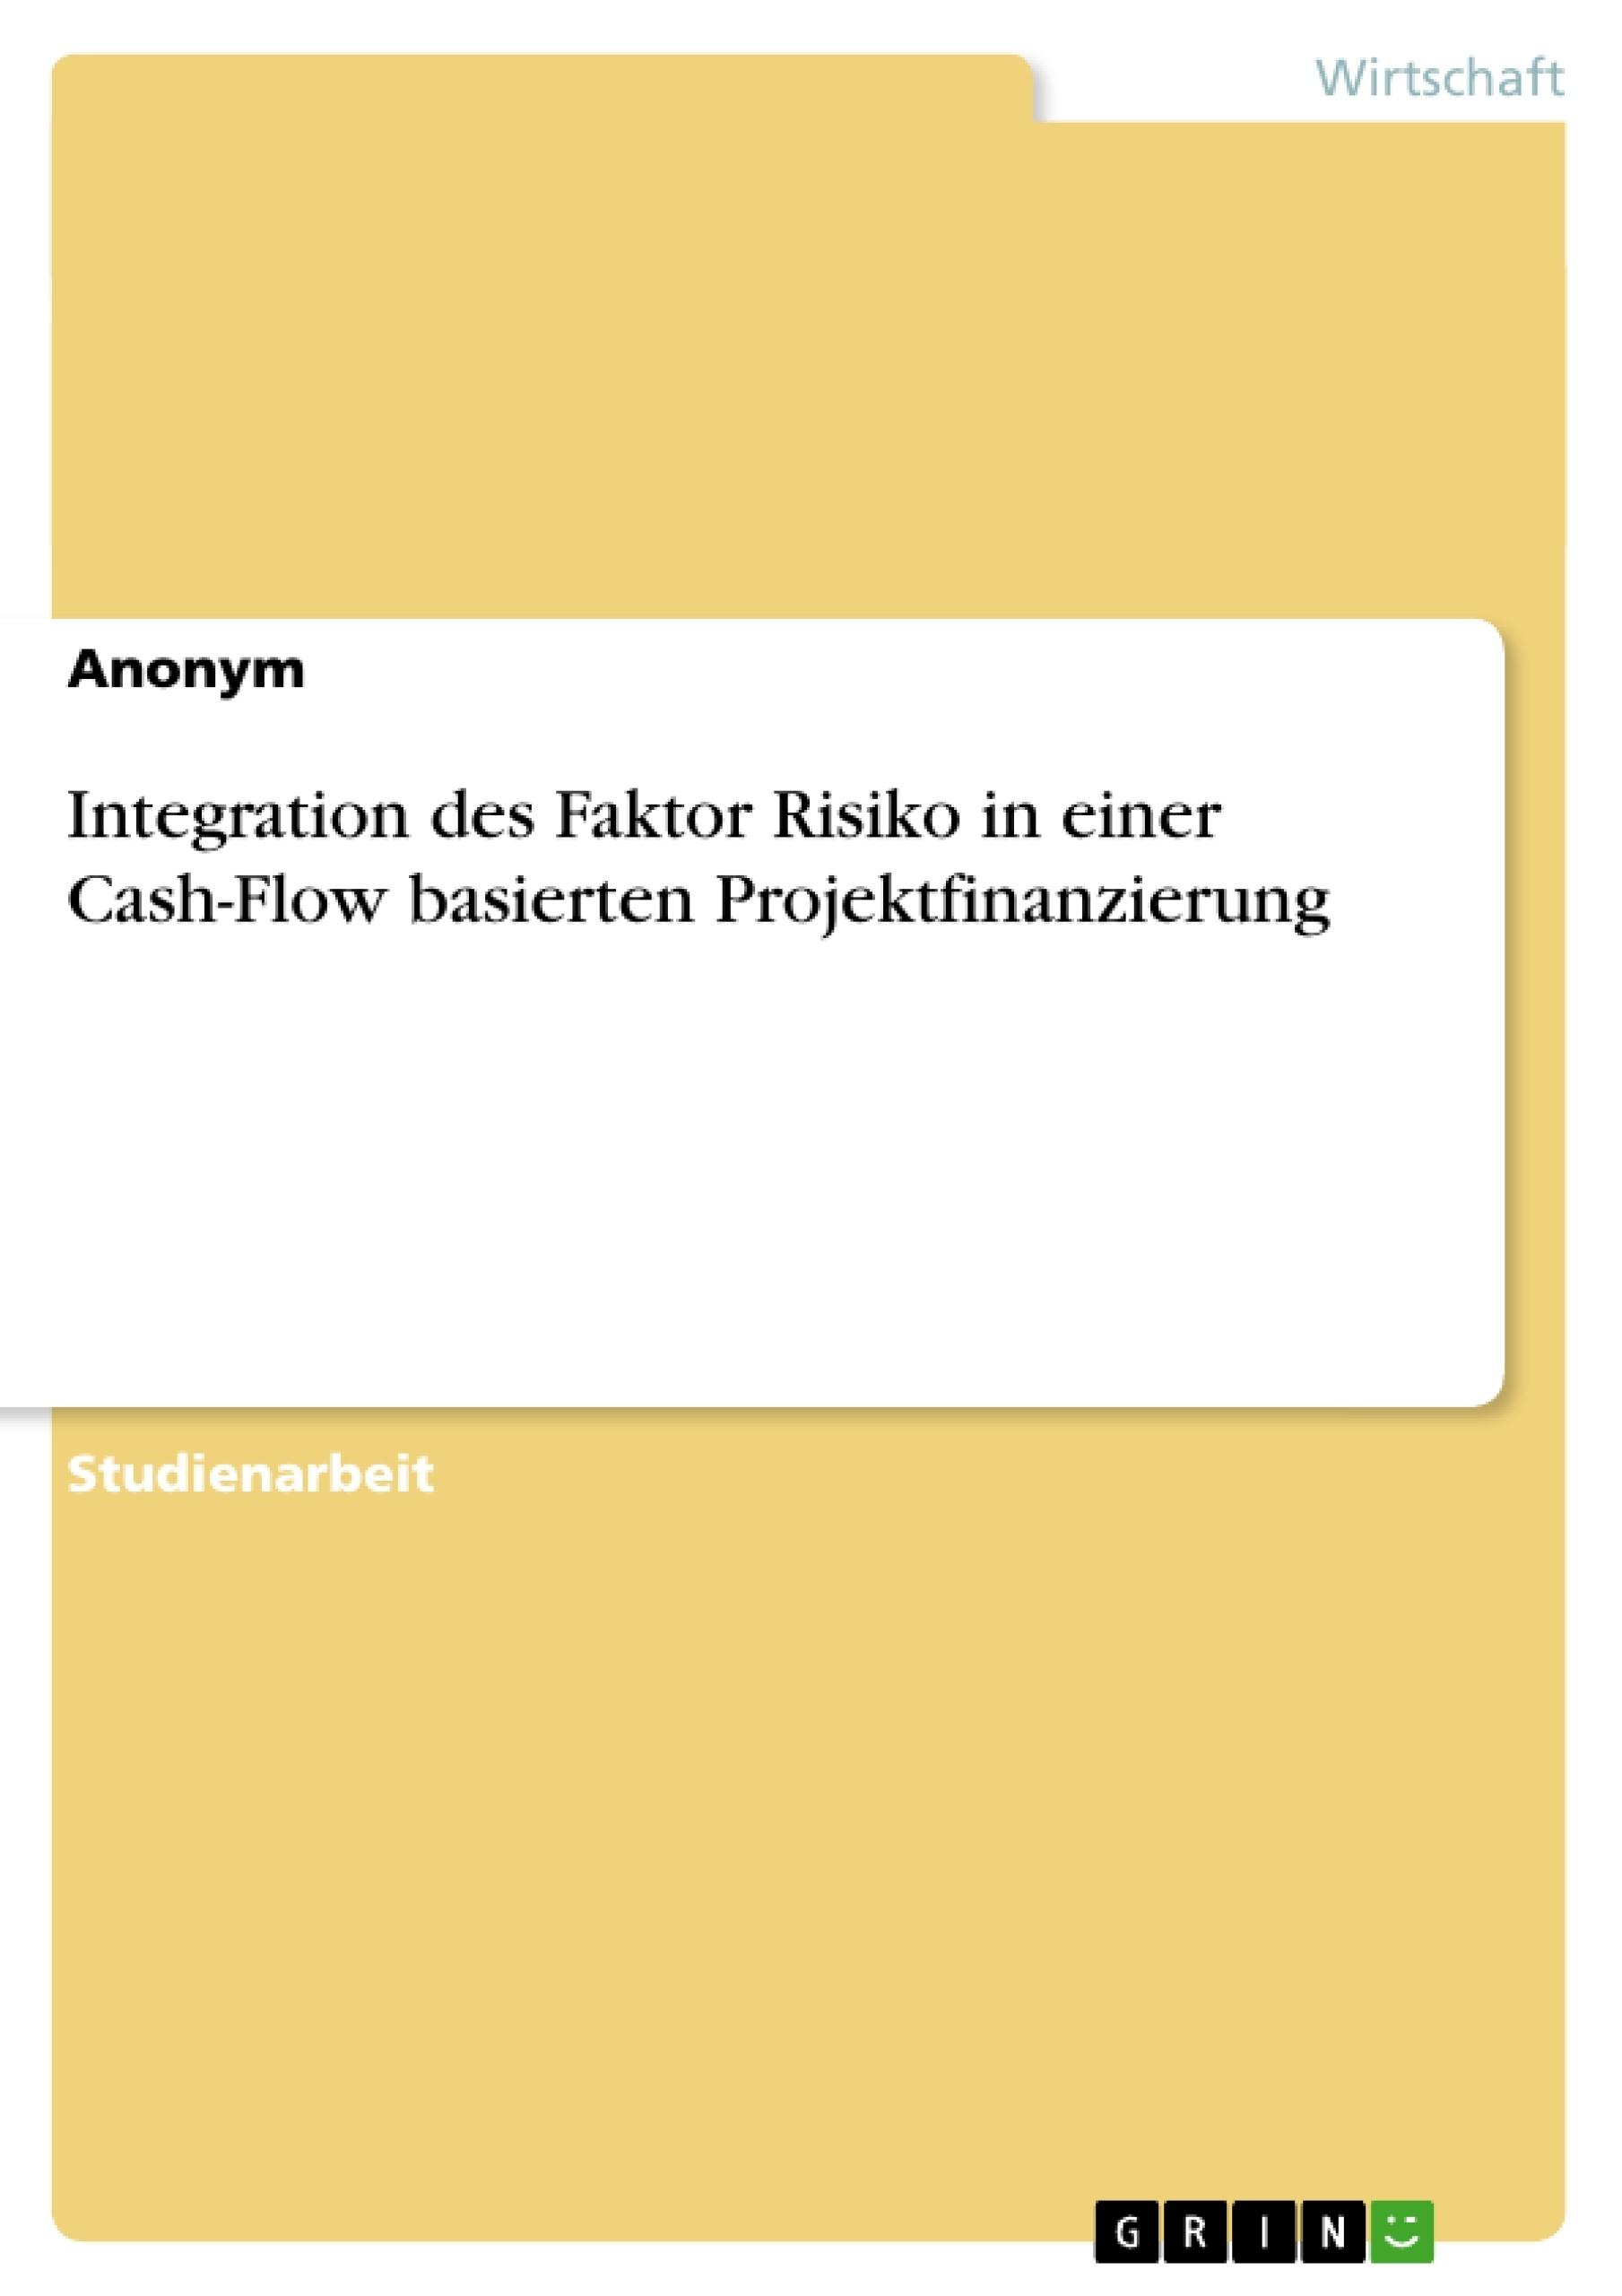 Titel: Integration des Faktor Risiko in einer Cash-Flow basierten Projektfinanzierung